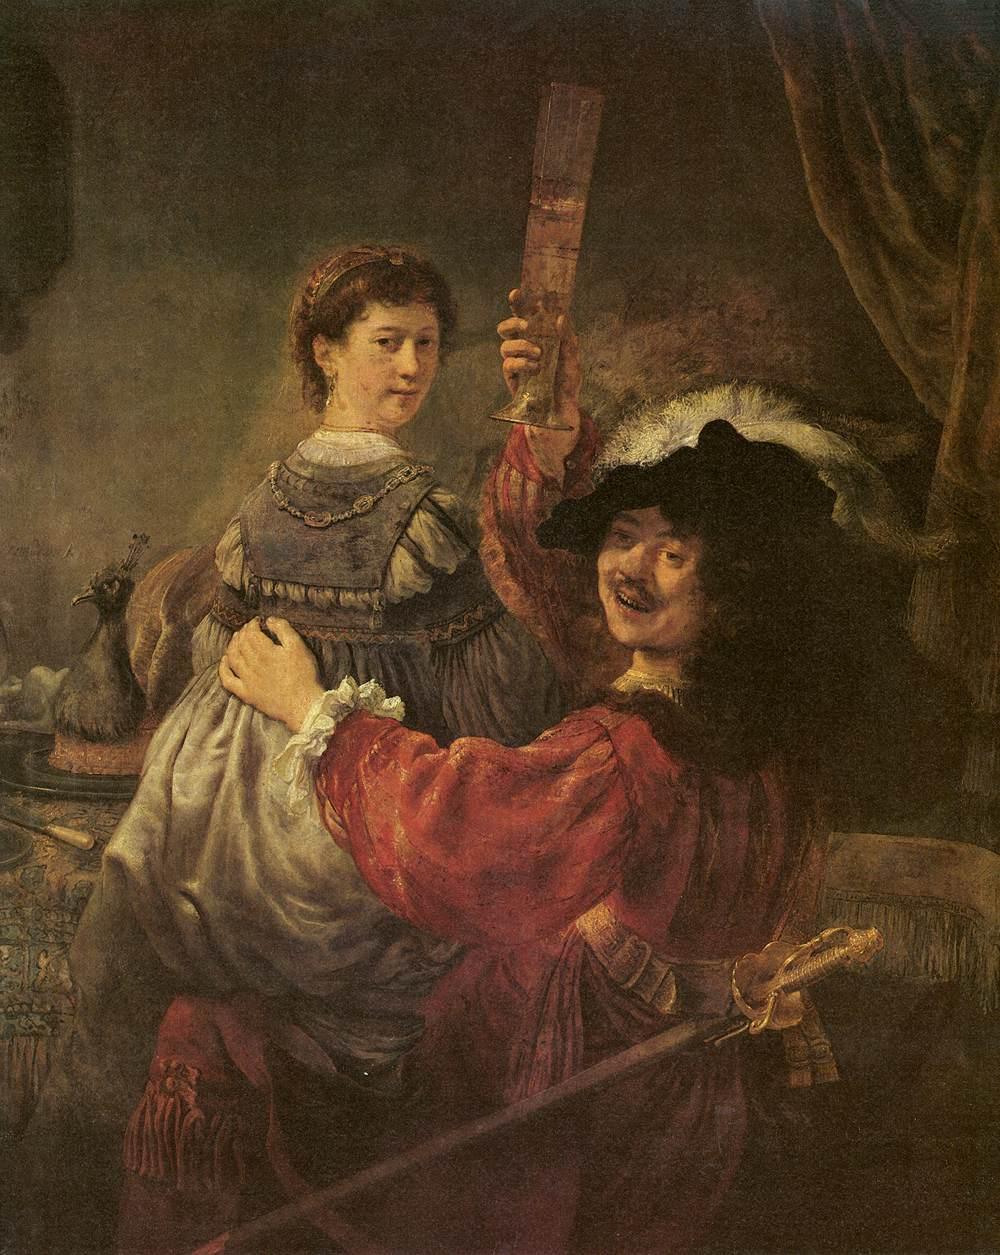 Рембрандт ван Рейн. Автопортрет с Саскией на коленях. 1633.